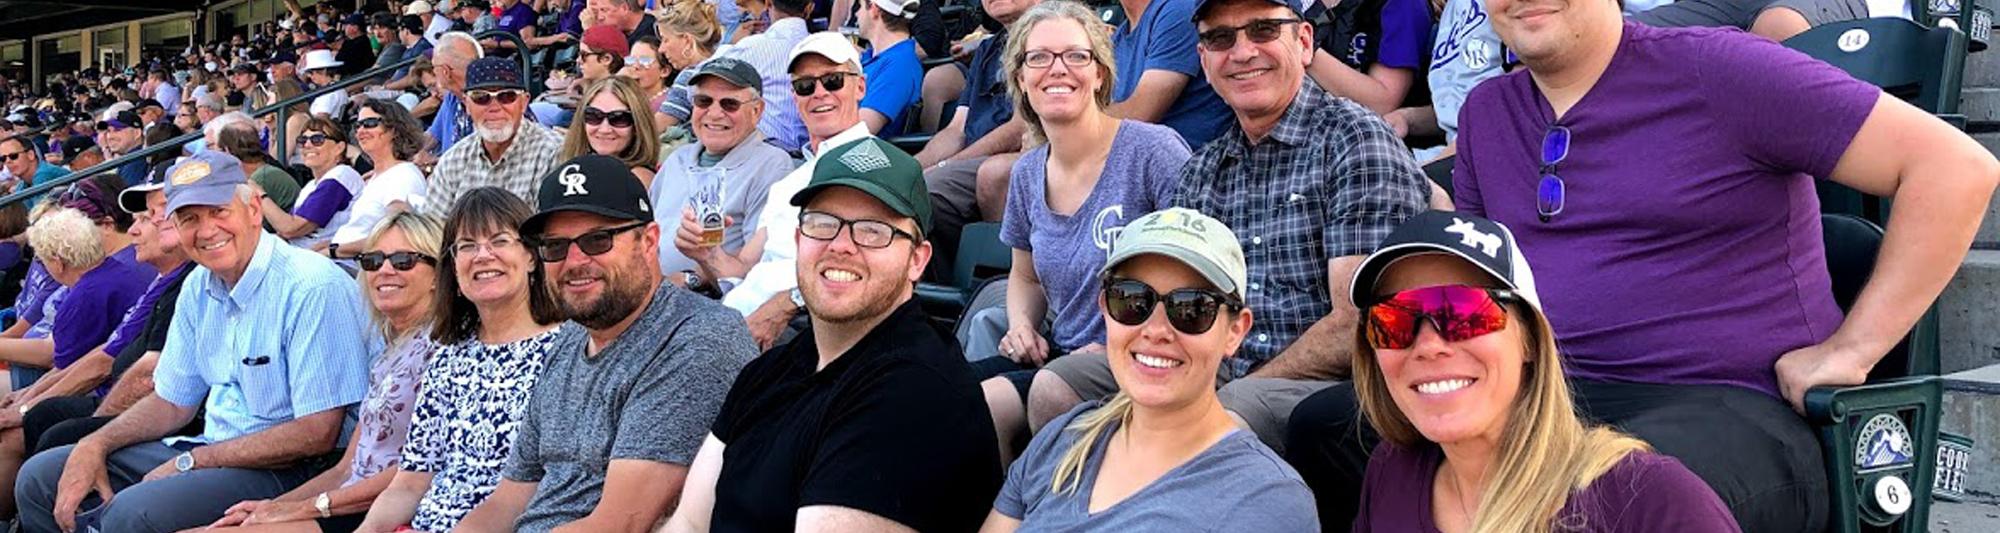 RRC Associates Team at Colorado Rockies Game